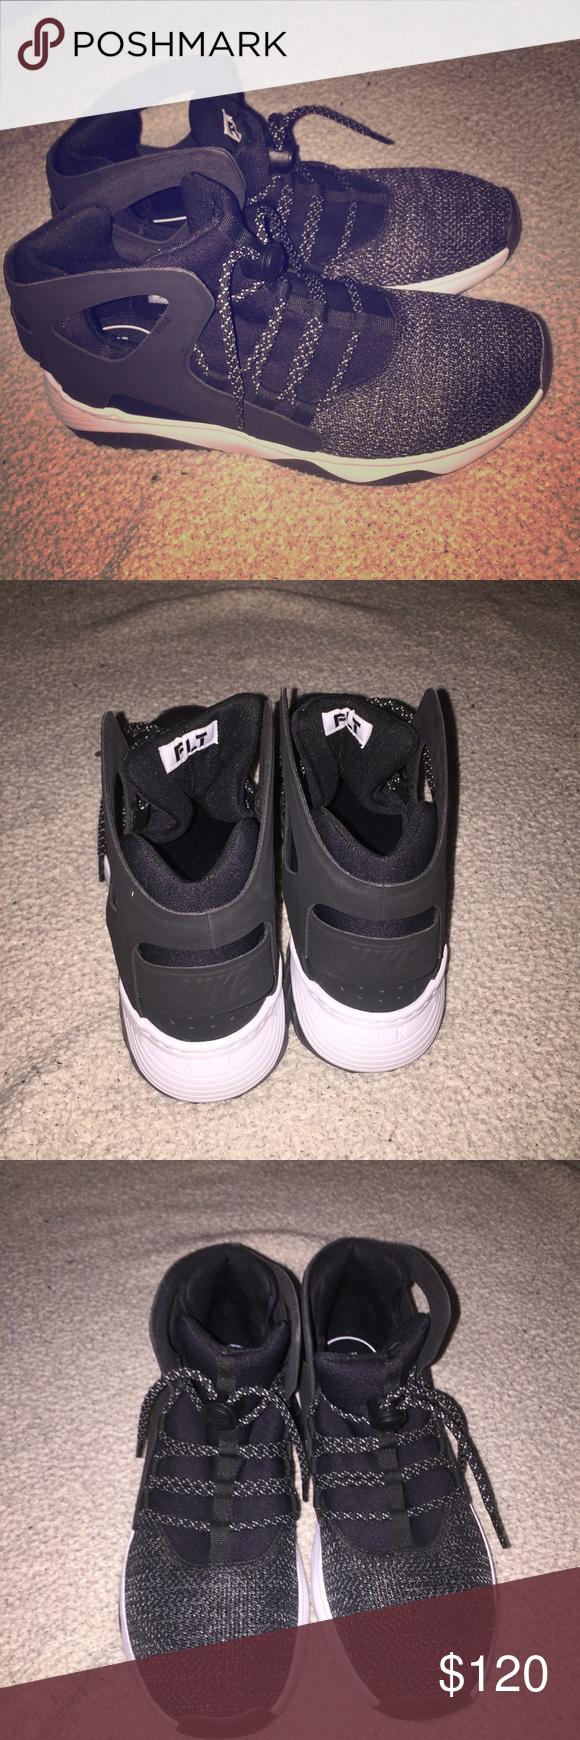 Black nikes, Worn, Nike